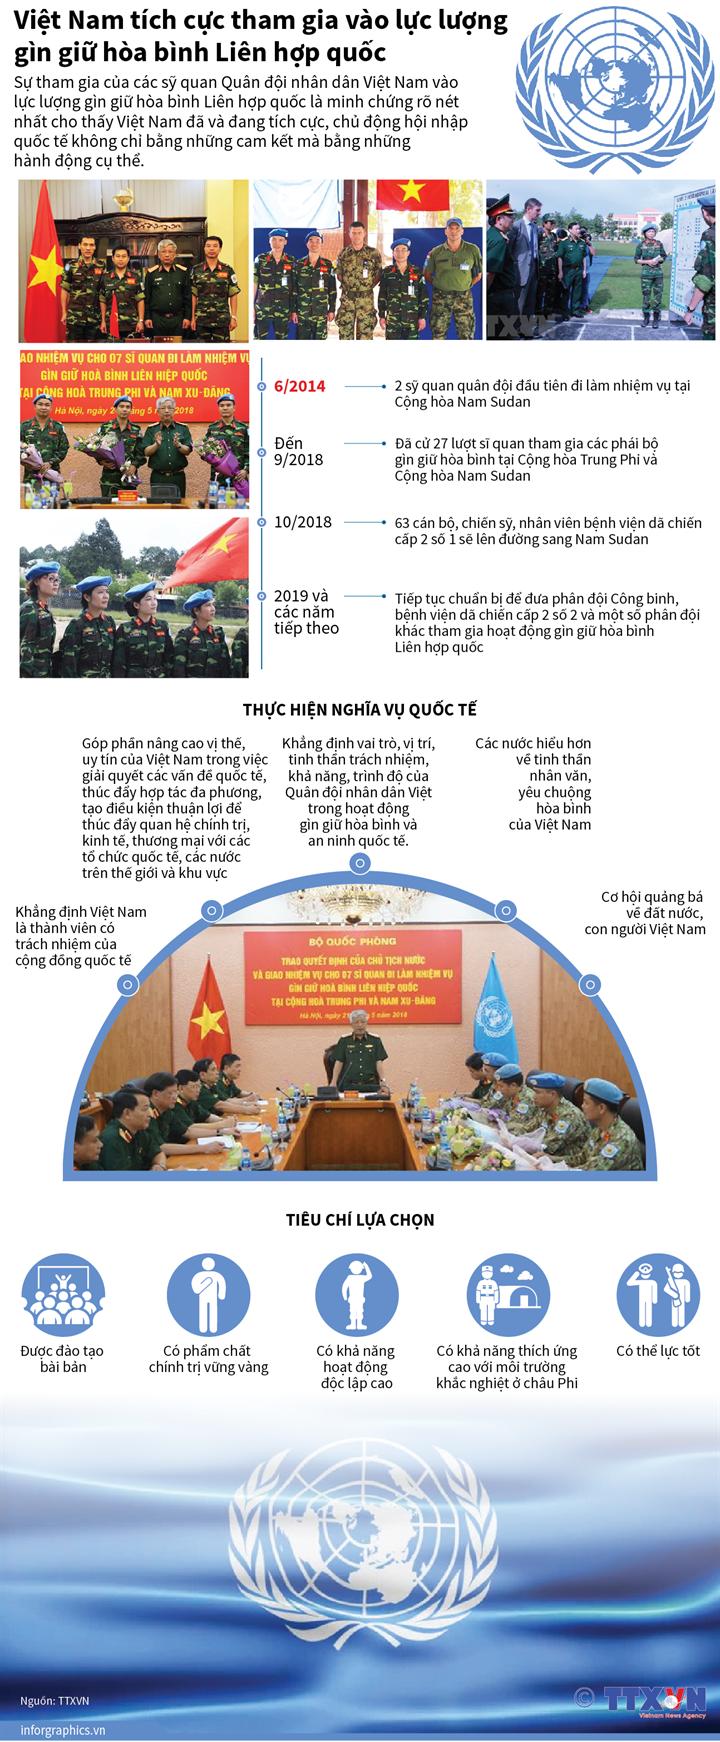 Việt Nam tích cực tham gia vào lực lượng gìn giữ hòa bình của Liên hợp quốc